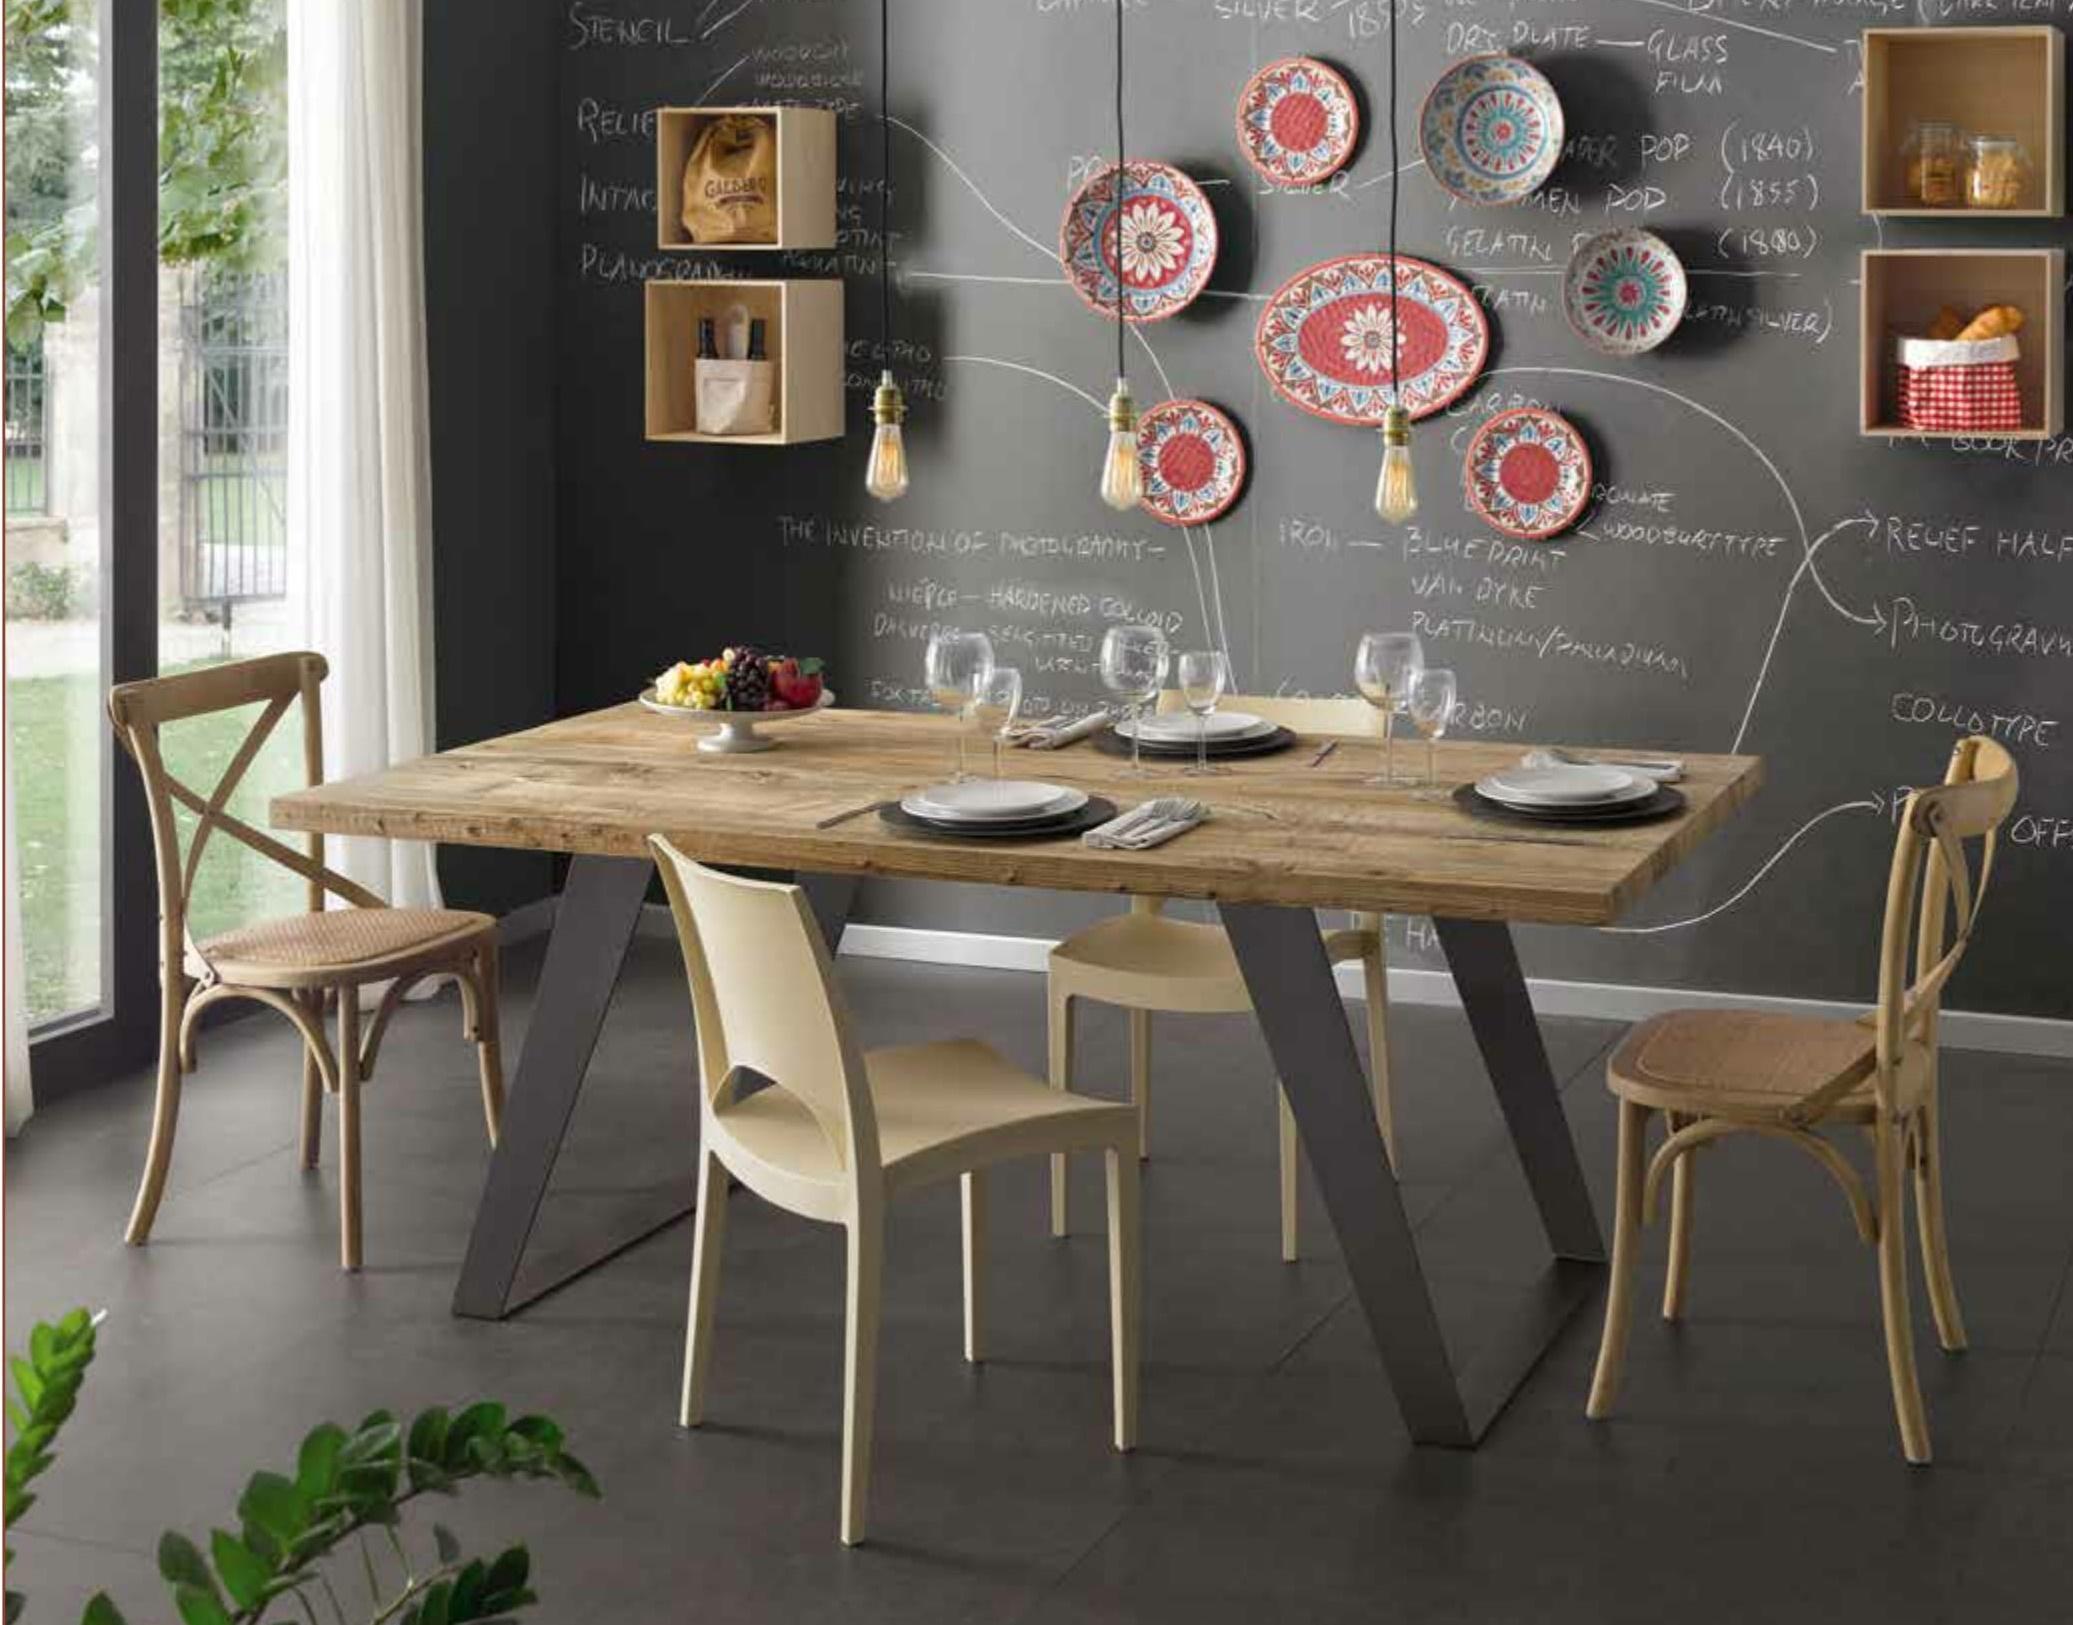 Tavolo in legno di ontano trattato con cera naturale for Tavoli particolari per cucina